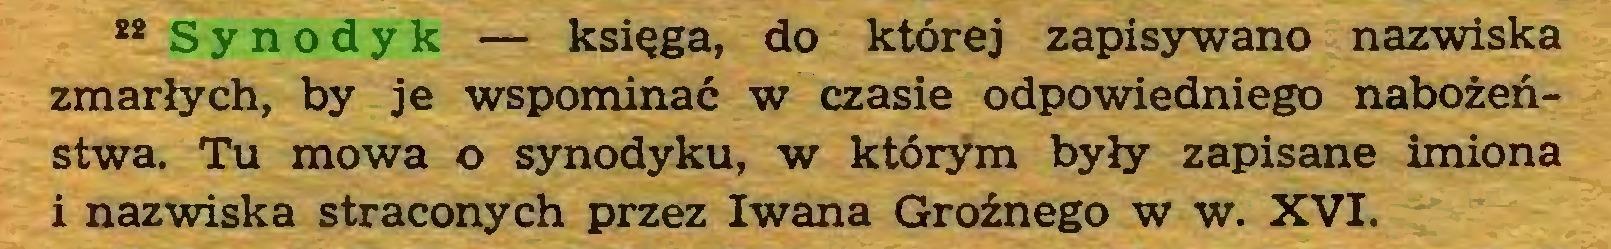 (...) 22 Synodyk — księga, do której zapisywano nazwiska zmarłych, by je wspominać w czasie odpowiedniego nabożeństwa. Tu mowa o synodyku, w którym były zapisane imiona i nazwiska straconych przez Iwana Groźnego w w. XVI...